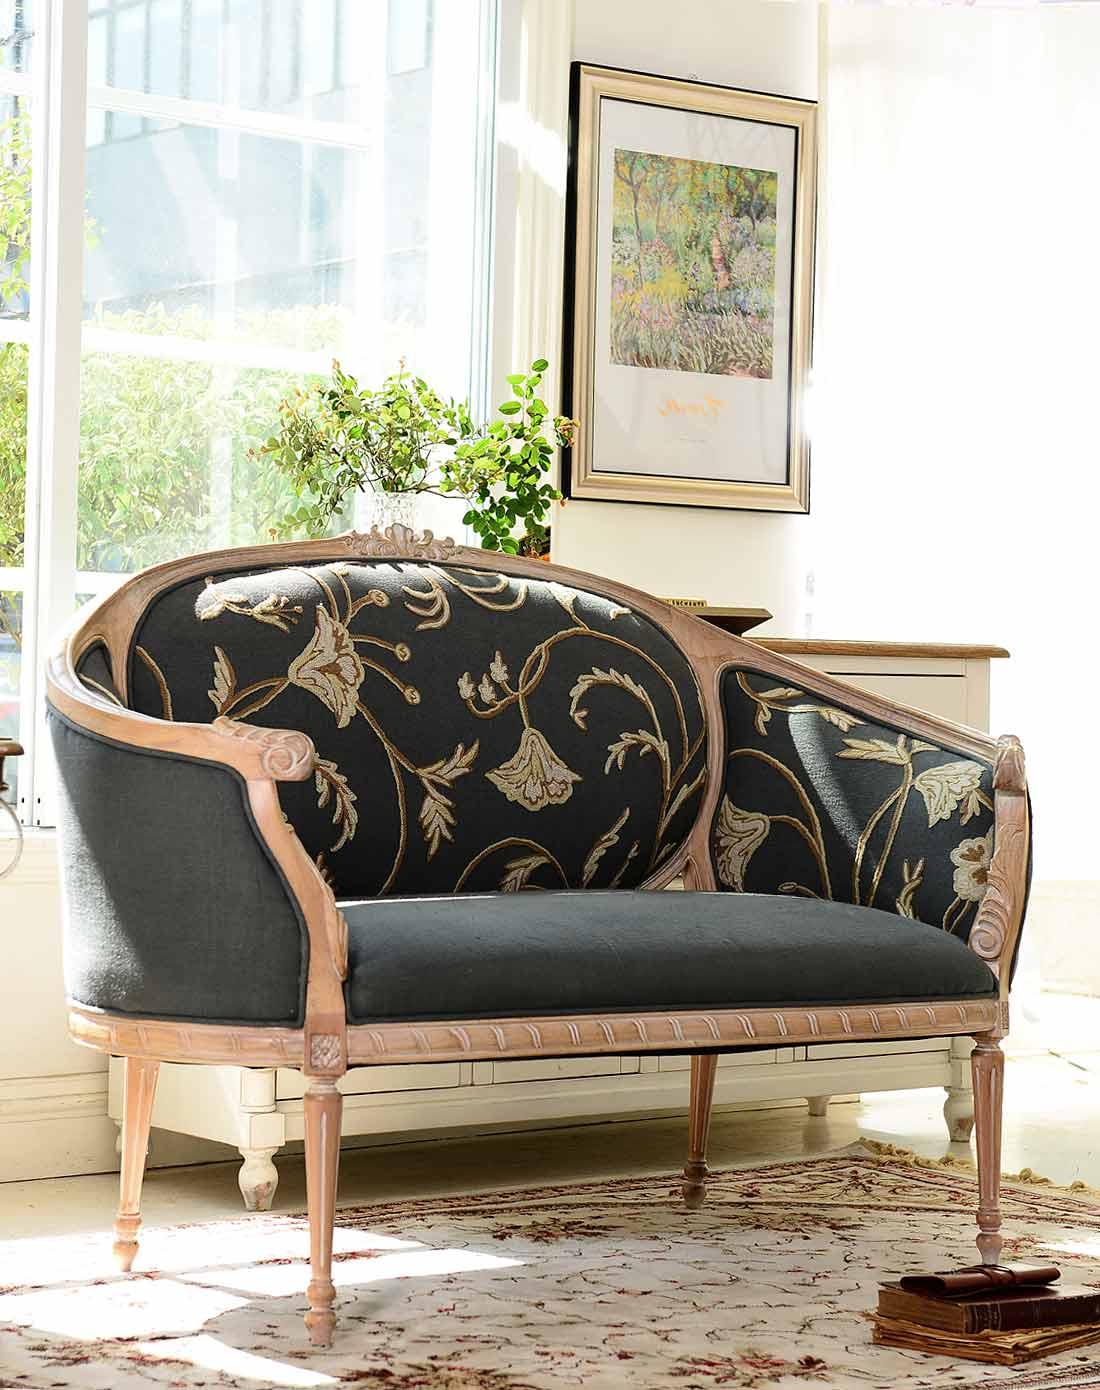 法式新古典欧洲进口白榉木家具 蓝灰色提花布艺双人沙发